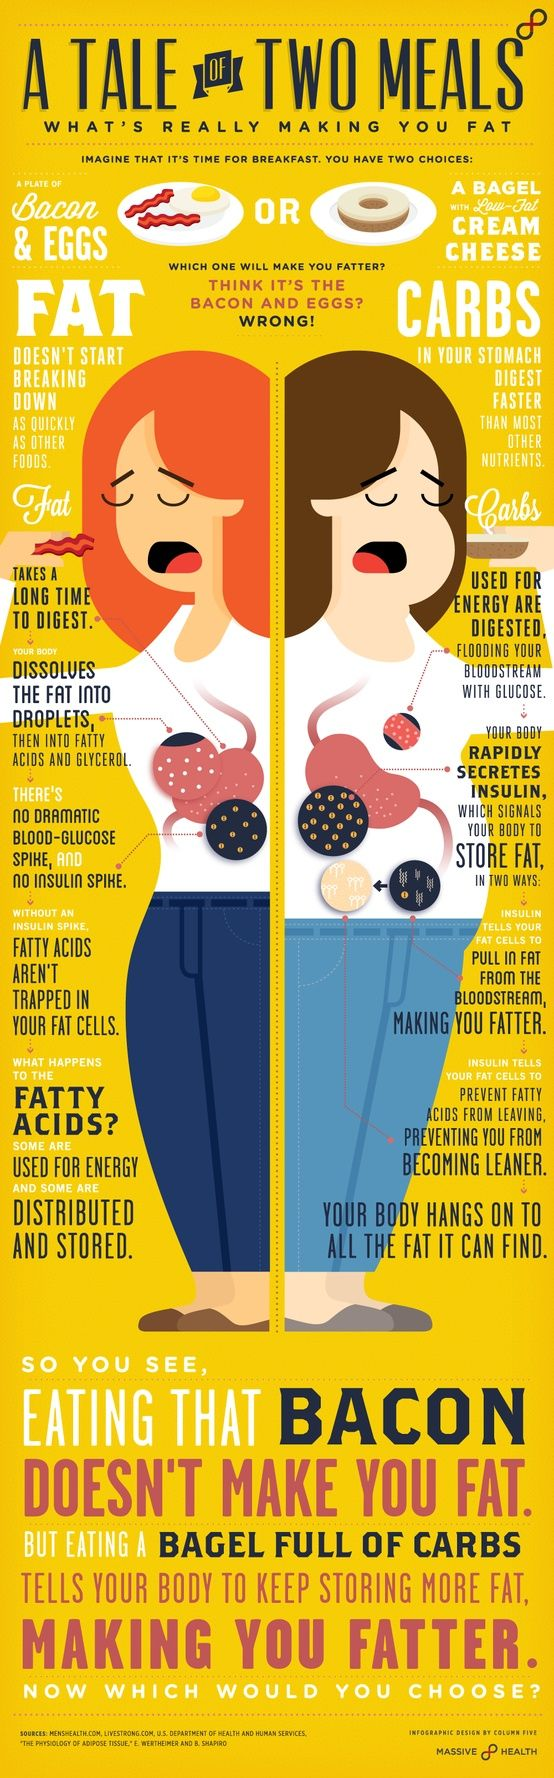 Una explicación más clara de que lo que hace engordar es comer carbohidratos y no grasas (en inglés).